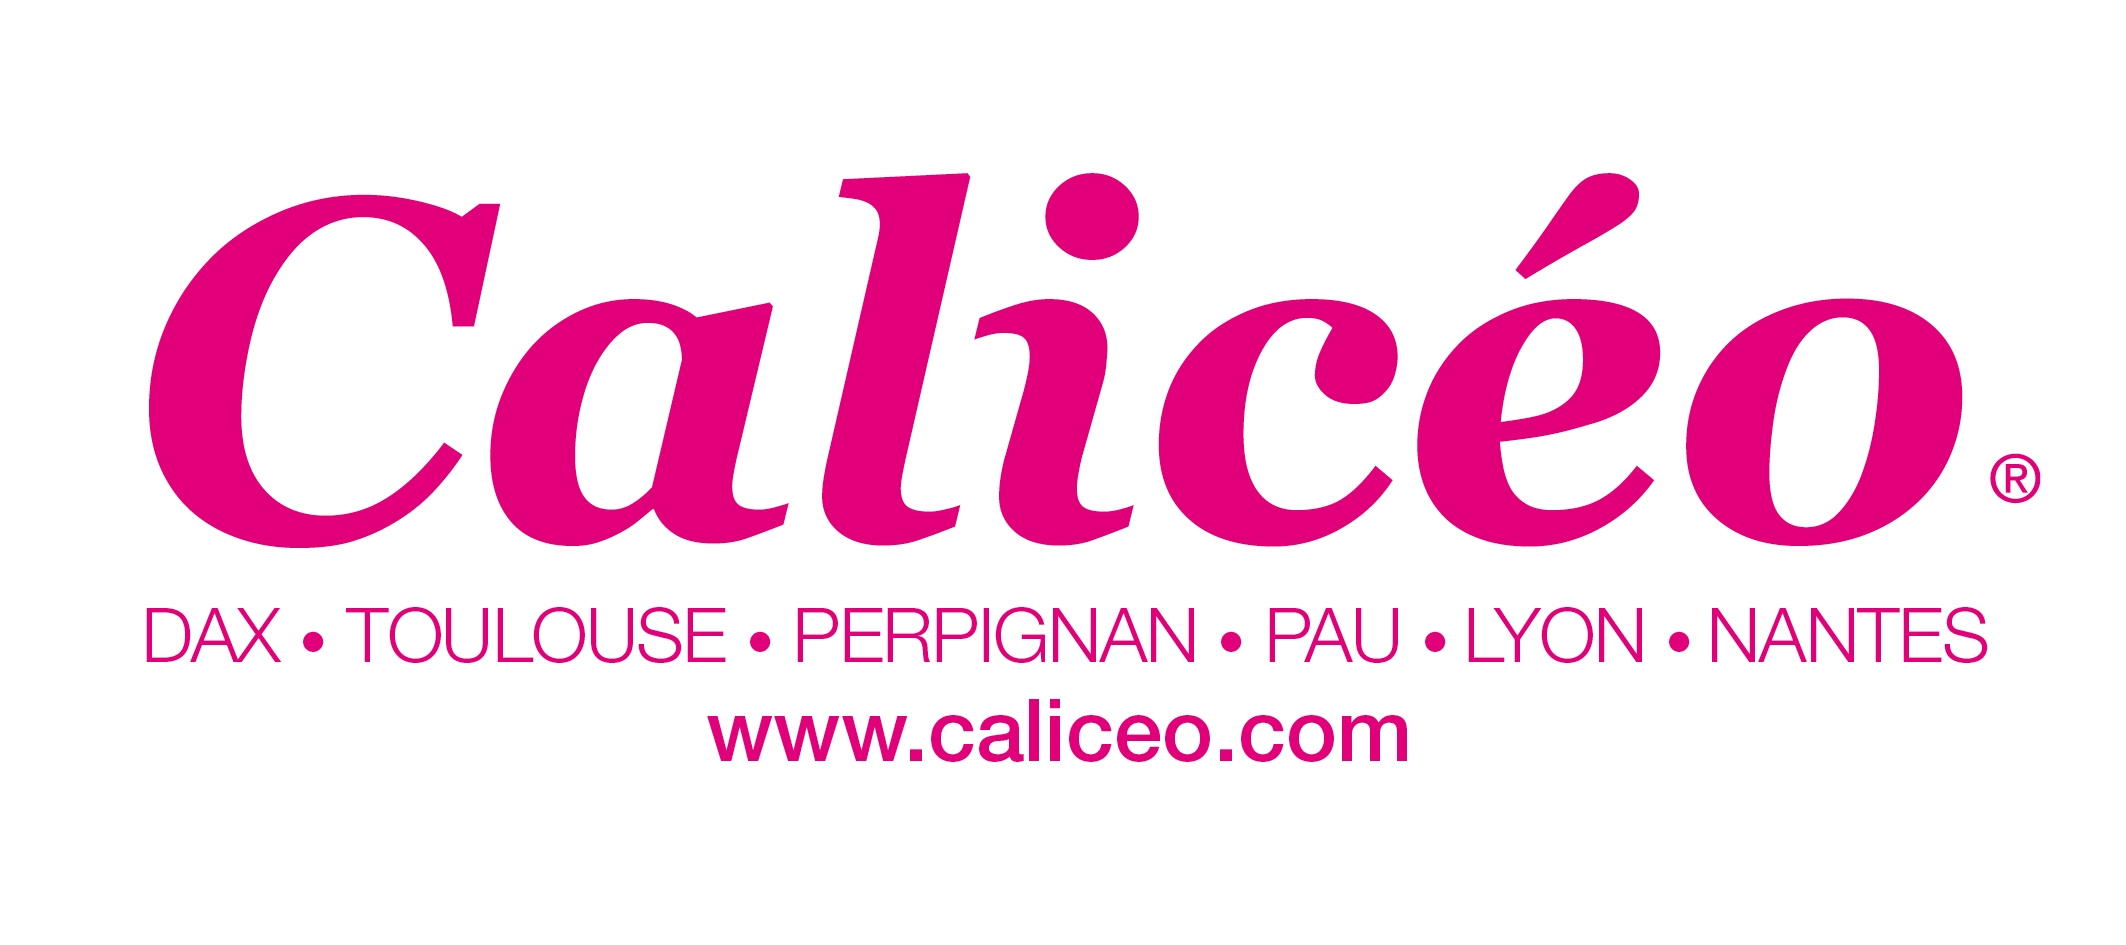 Caliceo